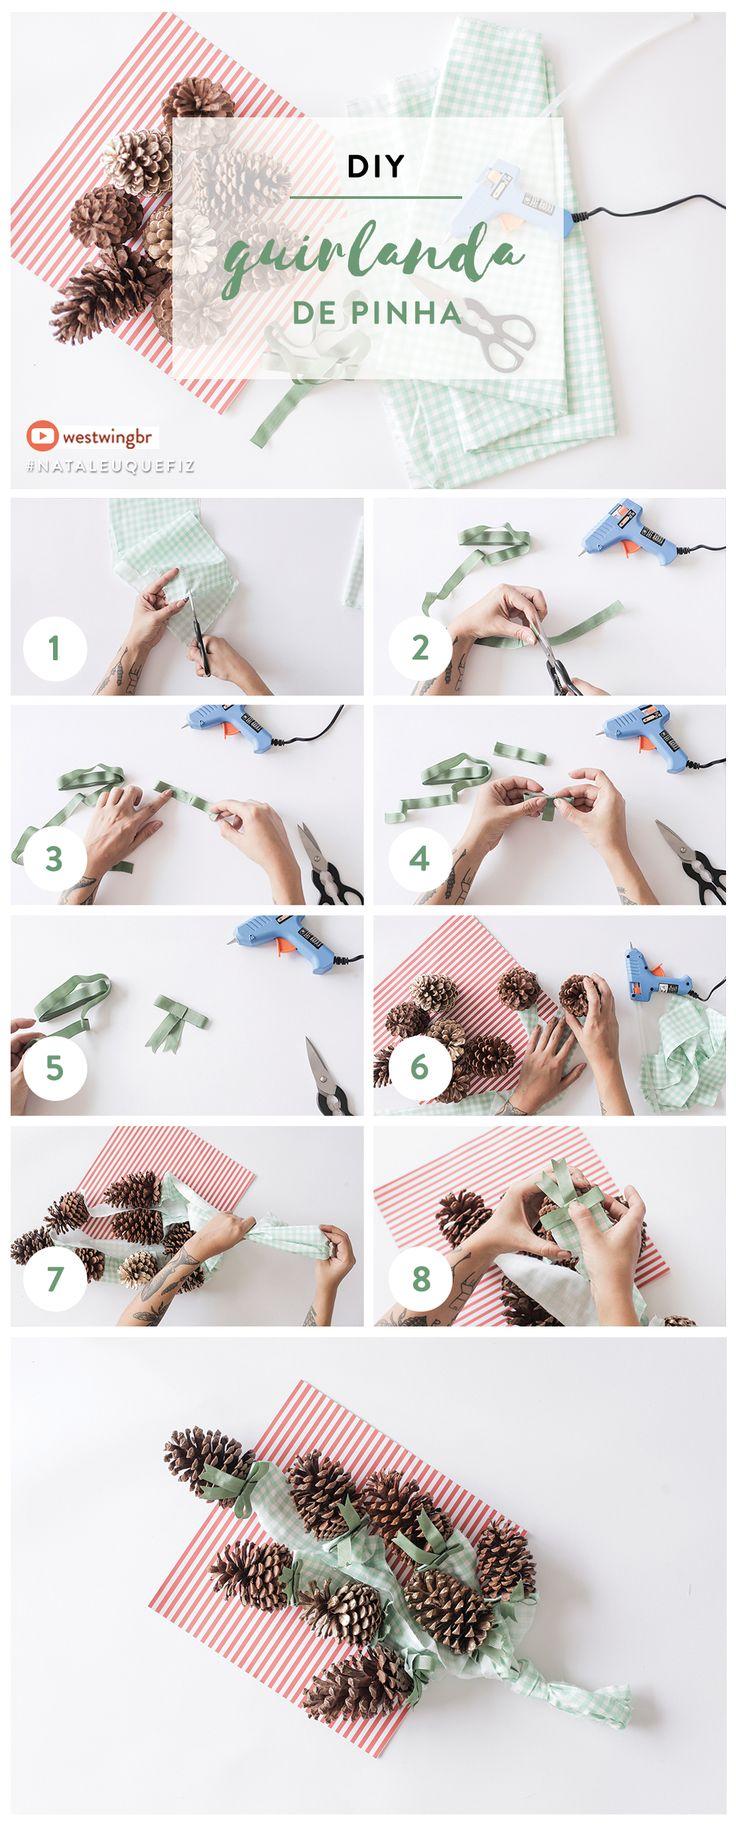 Veja como fazer este DIY especial e comece a preparar a decoração do seu Natal!